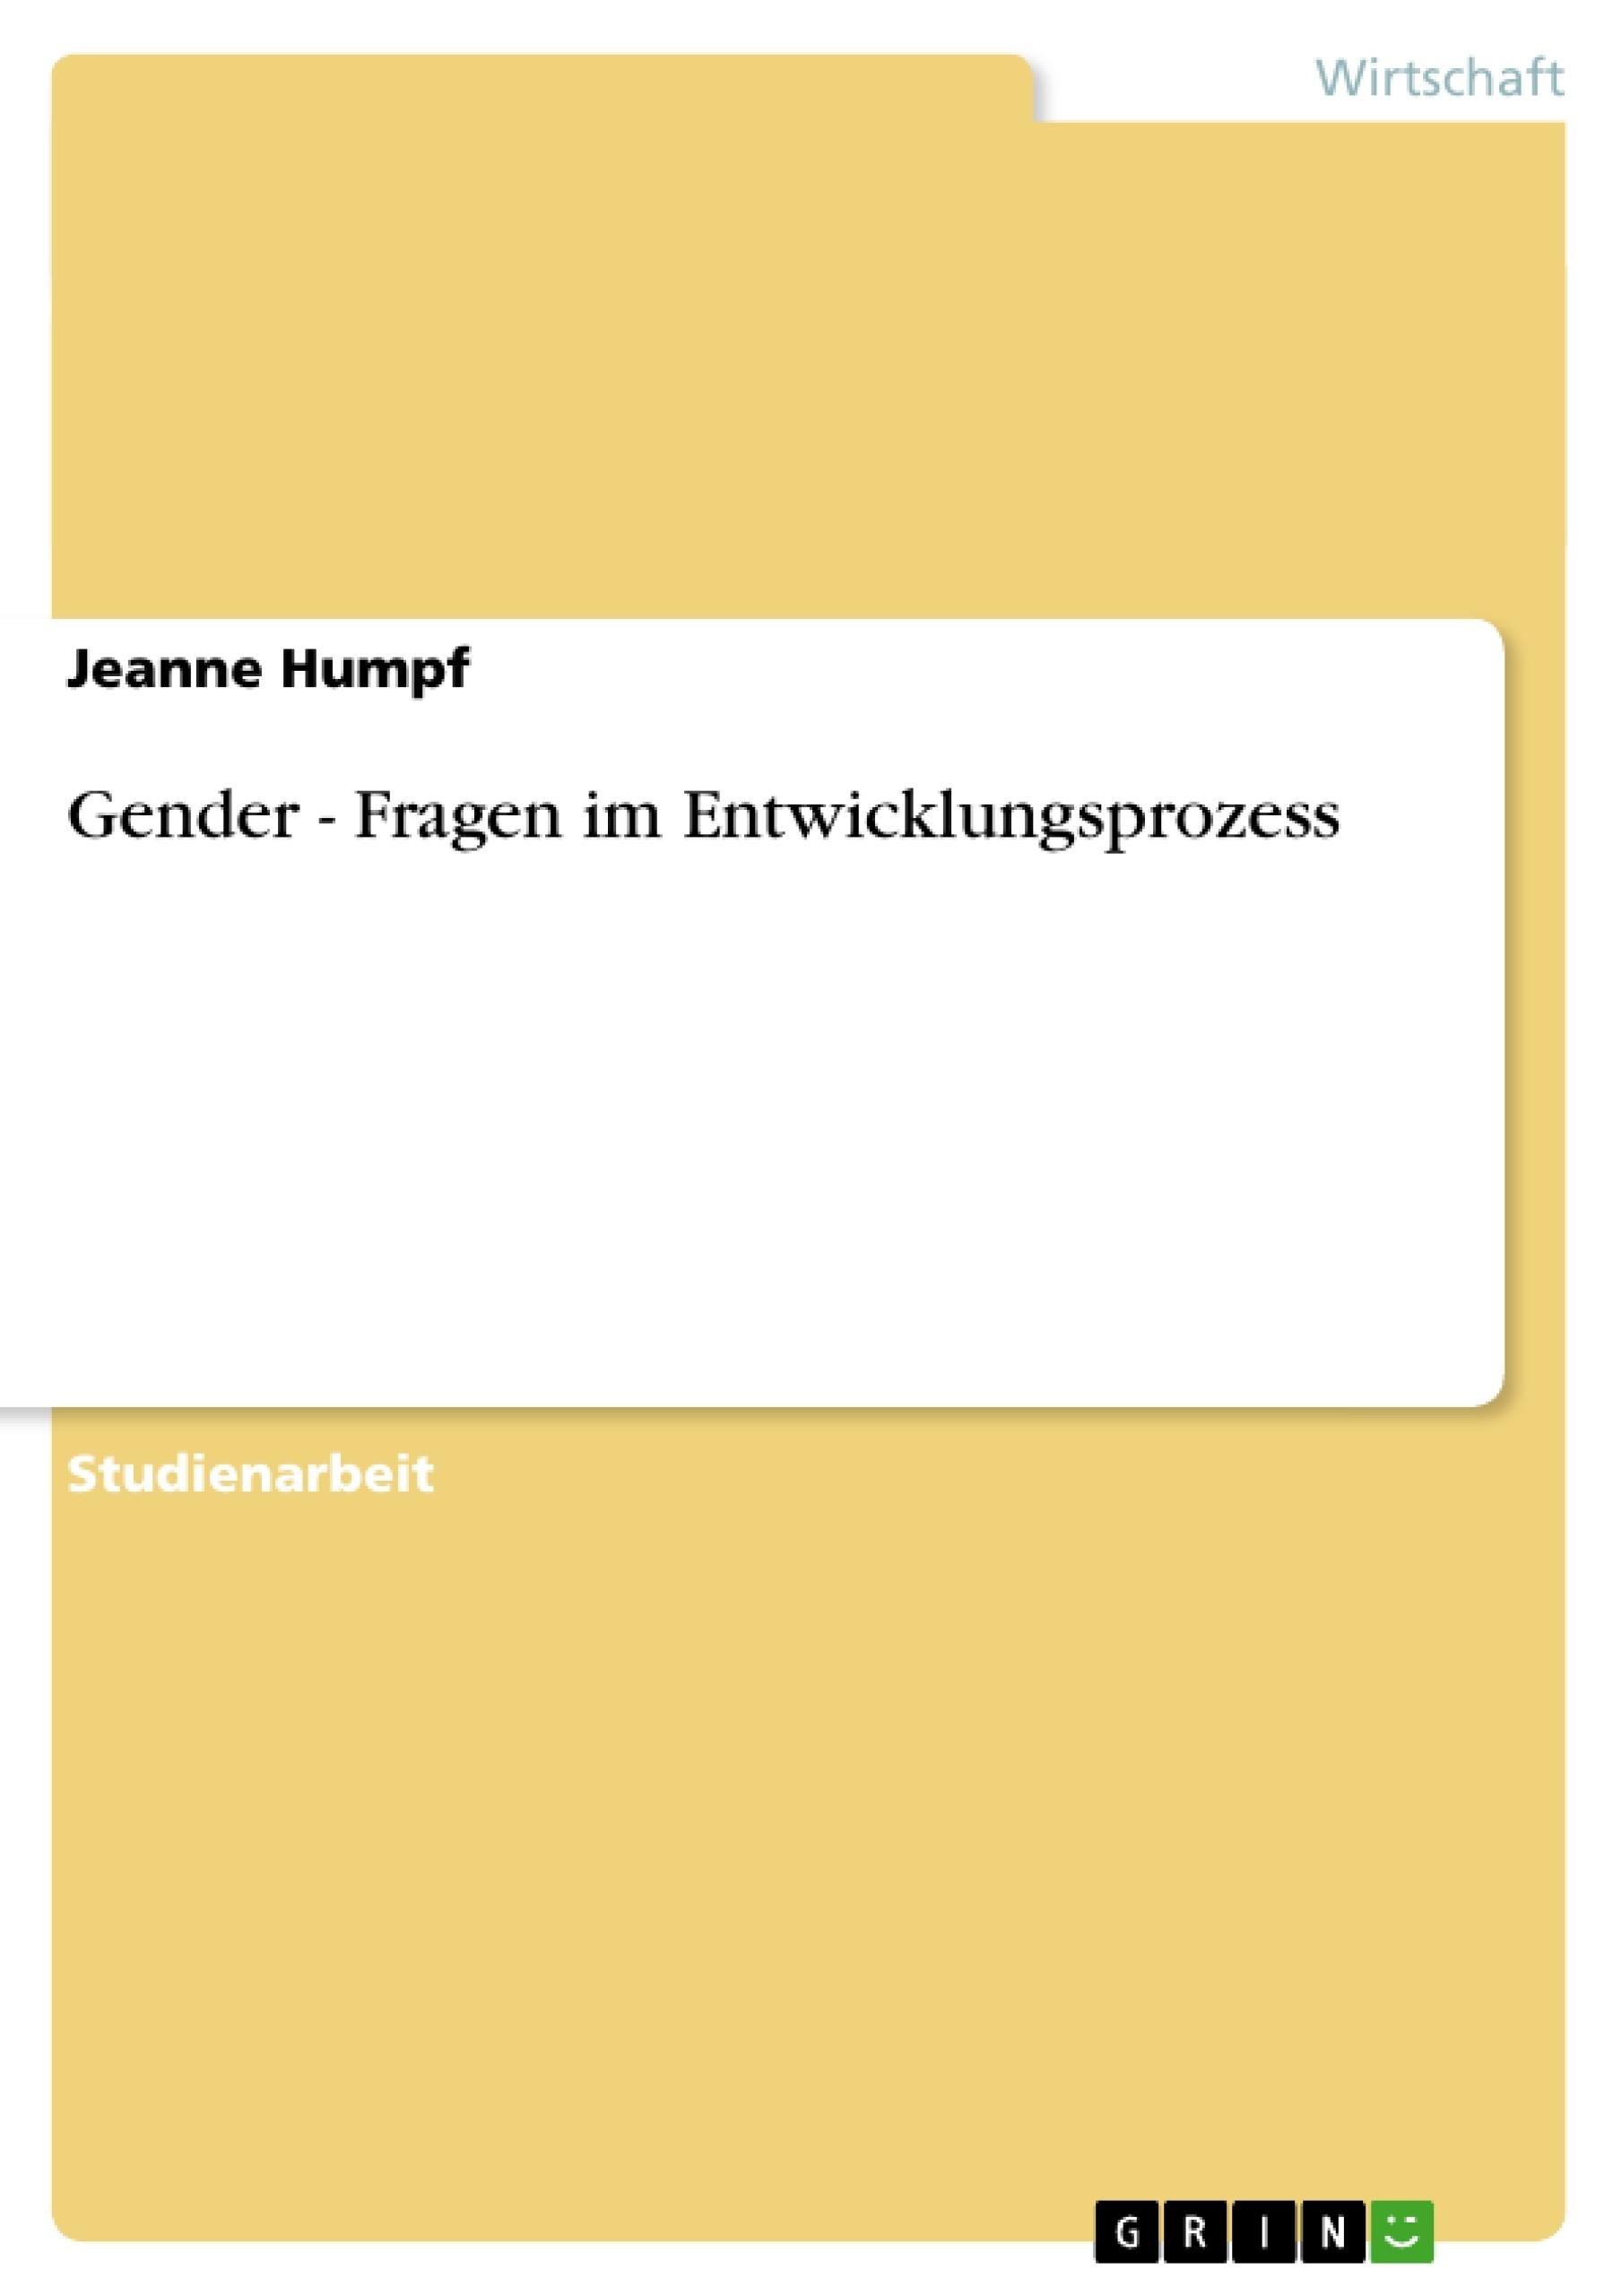 Titel: Gender - Fragen im Entwicklungsprozess